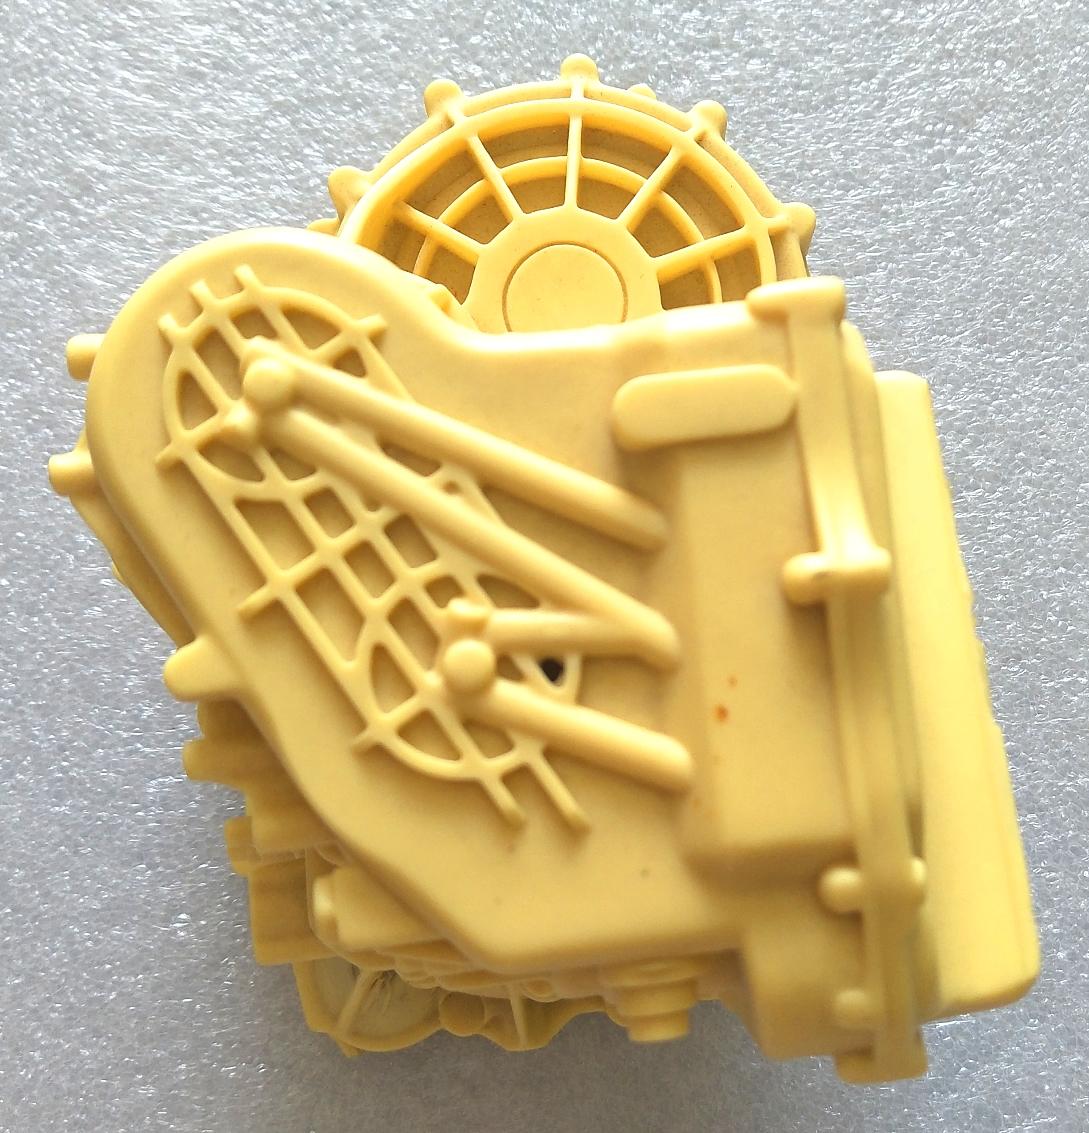 塑胶手板 塑胶手板 3D打印手板 手板件 塑胶手板模型件